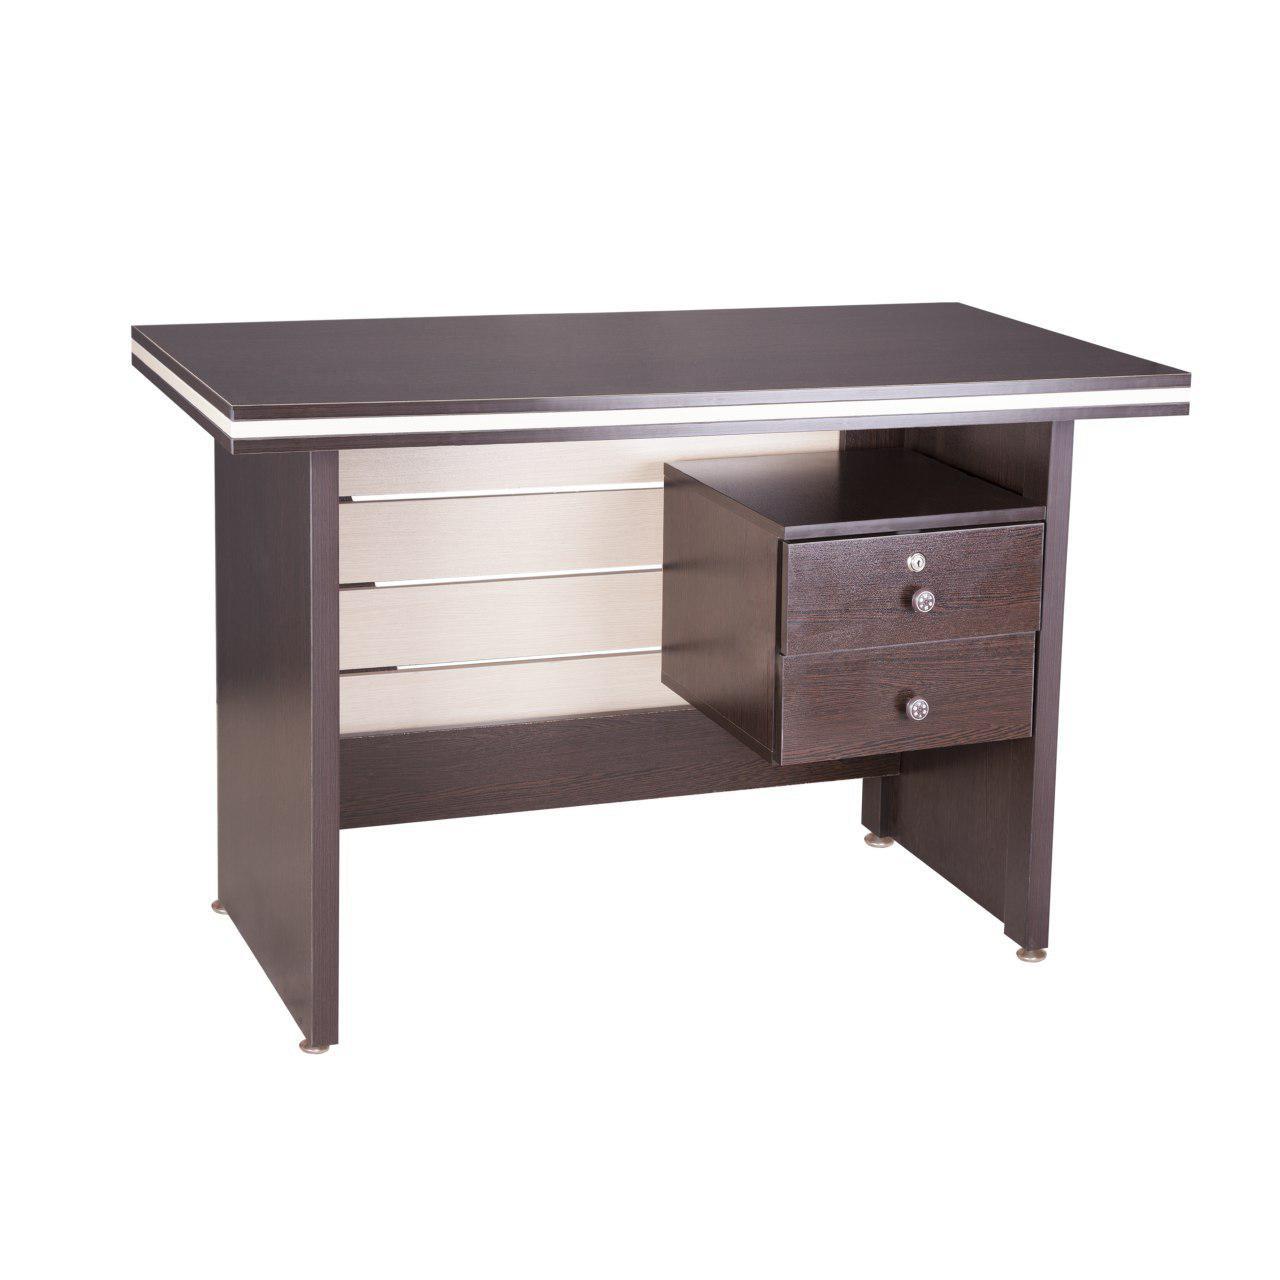 میز اداری فرید 120